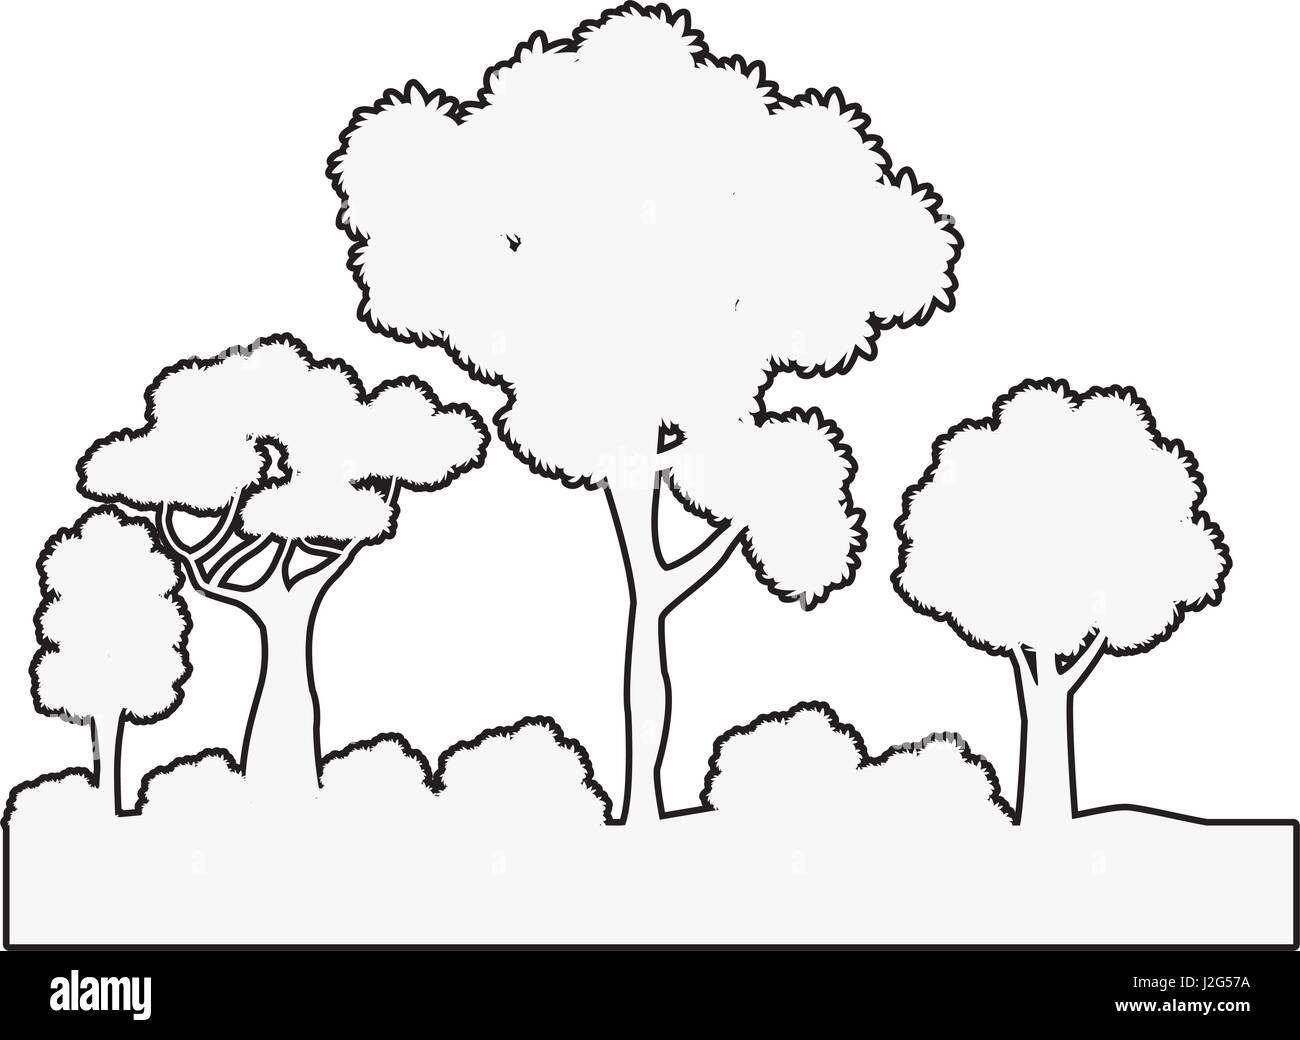 Bsuhes d'arbres les contours de l'écosystème naturel Photo Stock